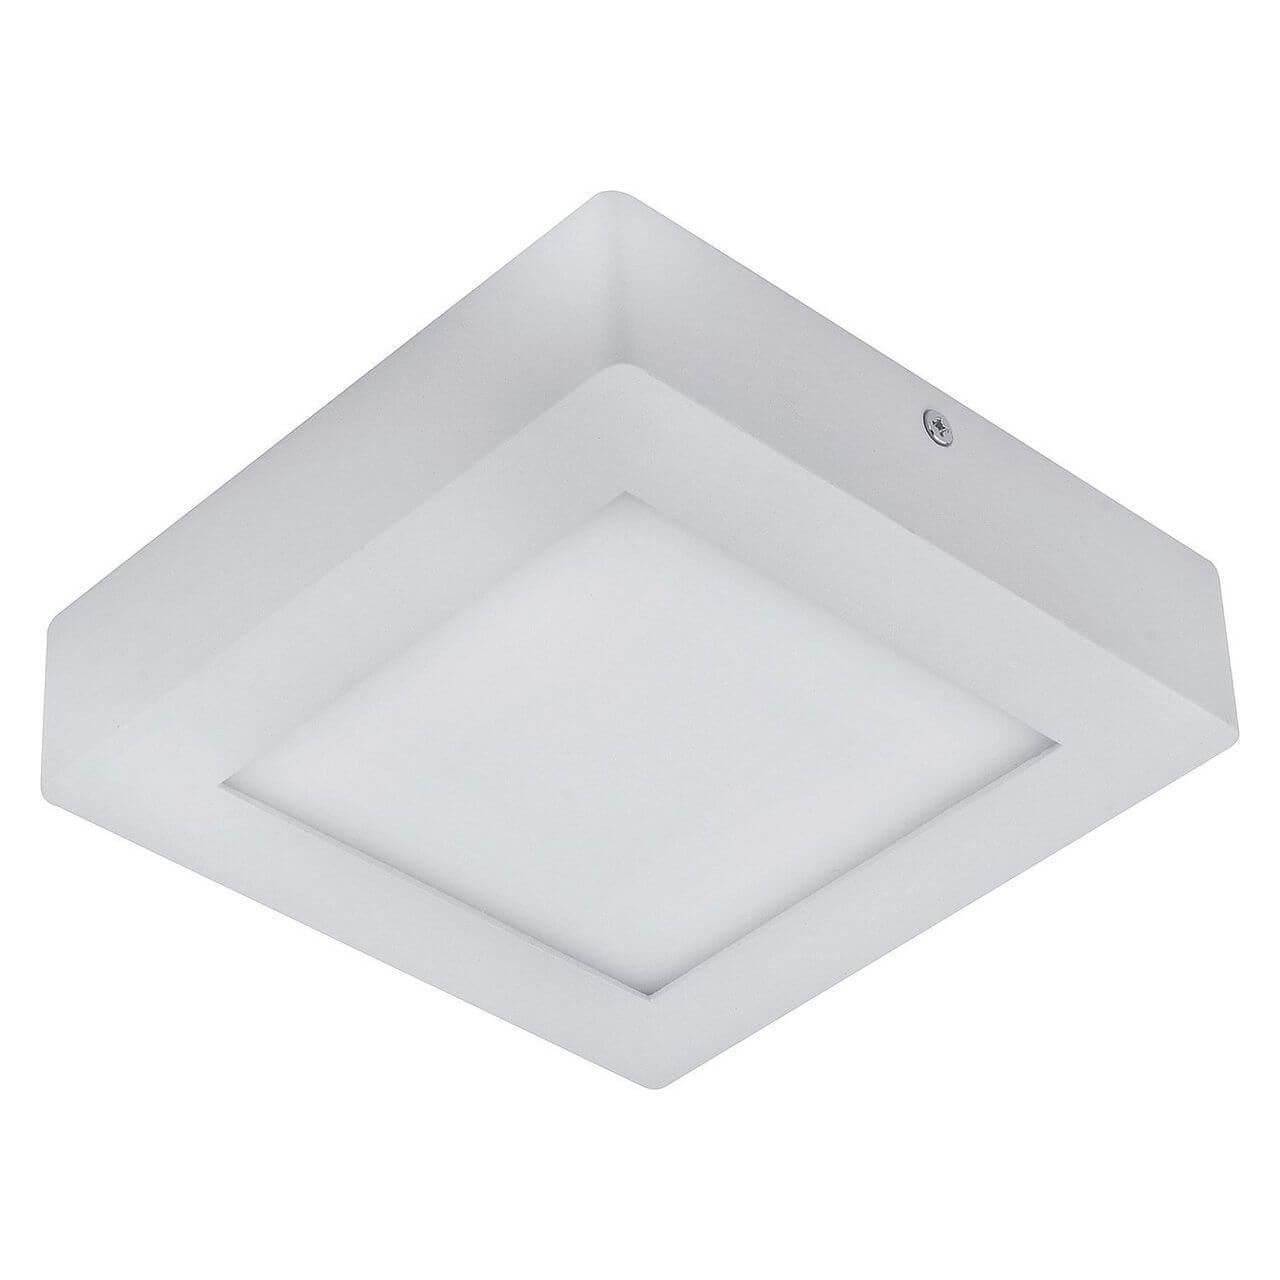 Потолочный светодиодный светильник Horoz 15W 6000K белый 016-026-0015 (HL639L) цена